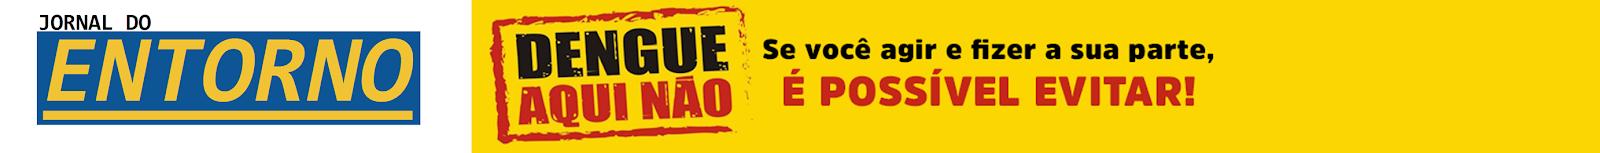 Jornal do ENTORNO